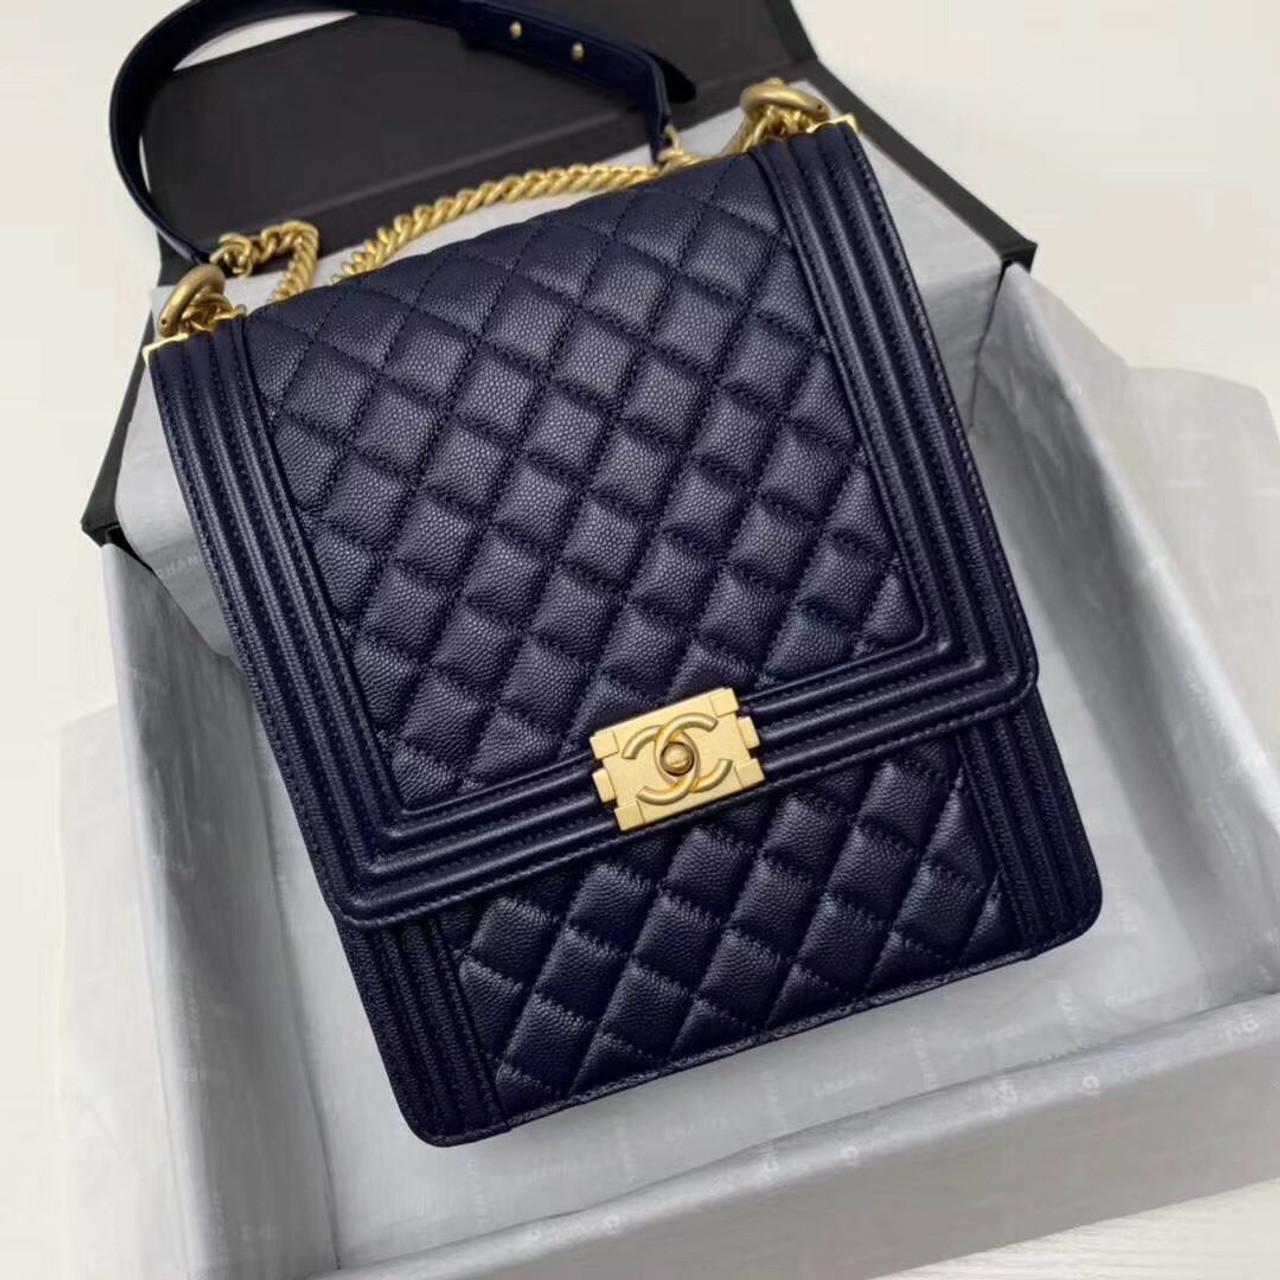 bf1af9451992 Chanel Large BOY CHANEL Handbag AS0132 Black - Bella Vita Moda